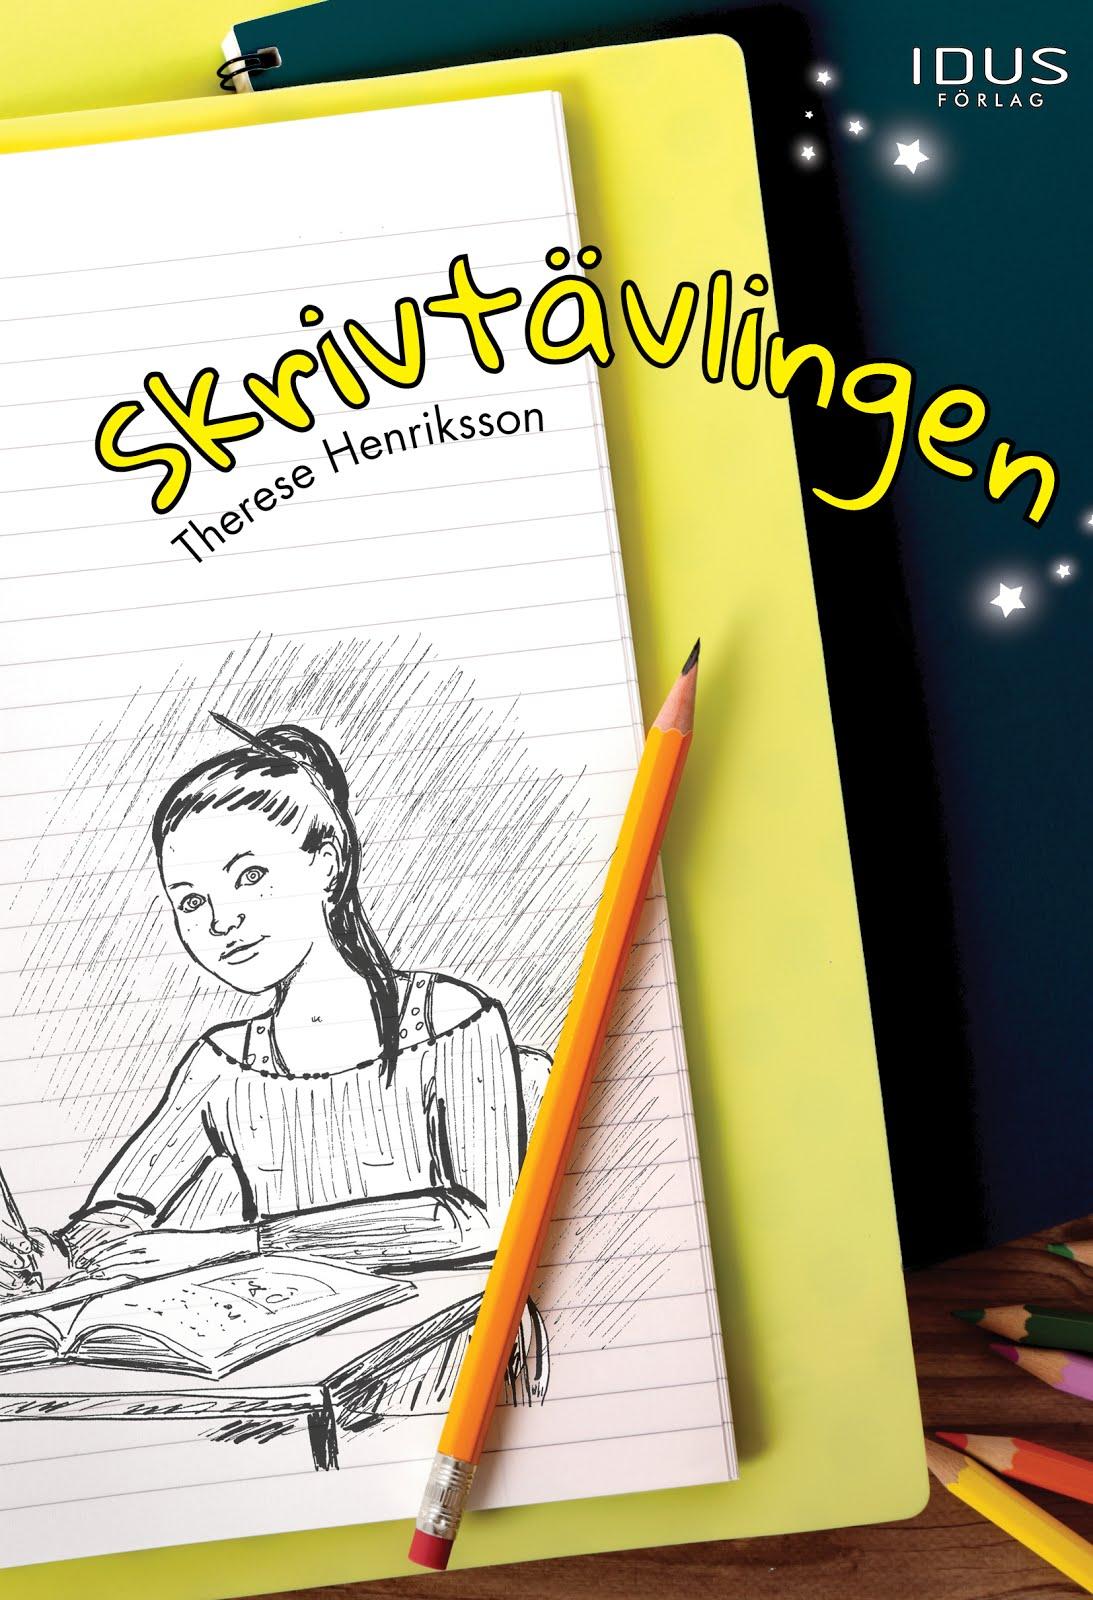 Skrivtävlingen. En spännande bok om känslor för 7-12 åringar.